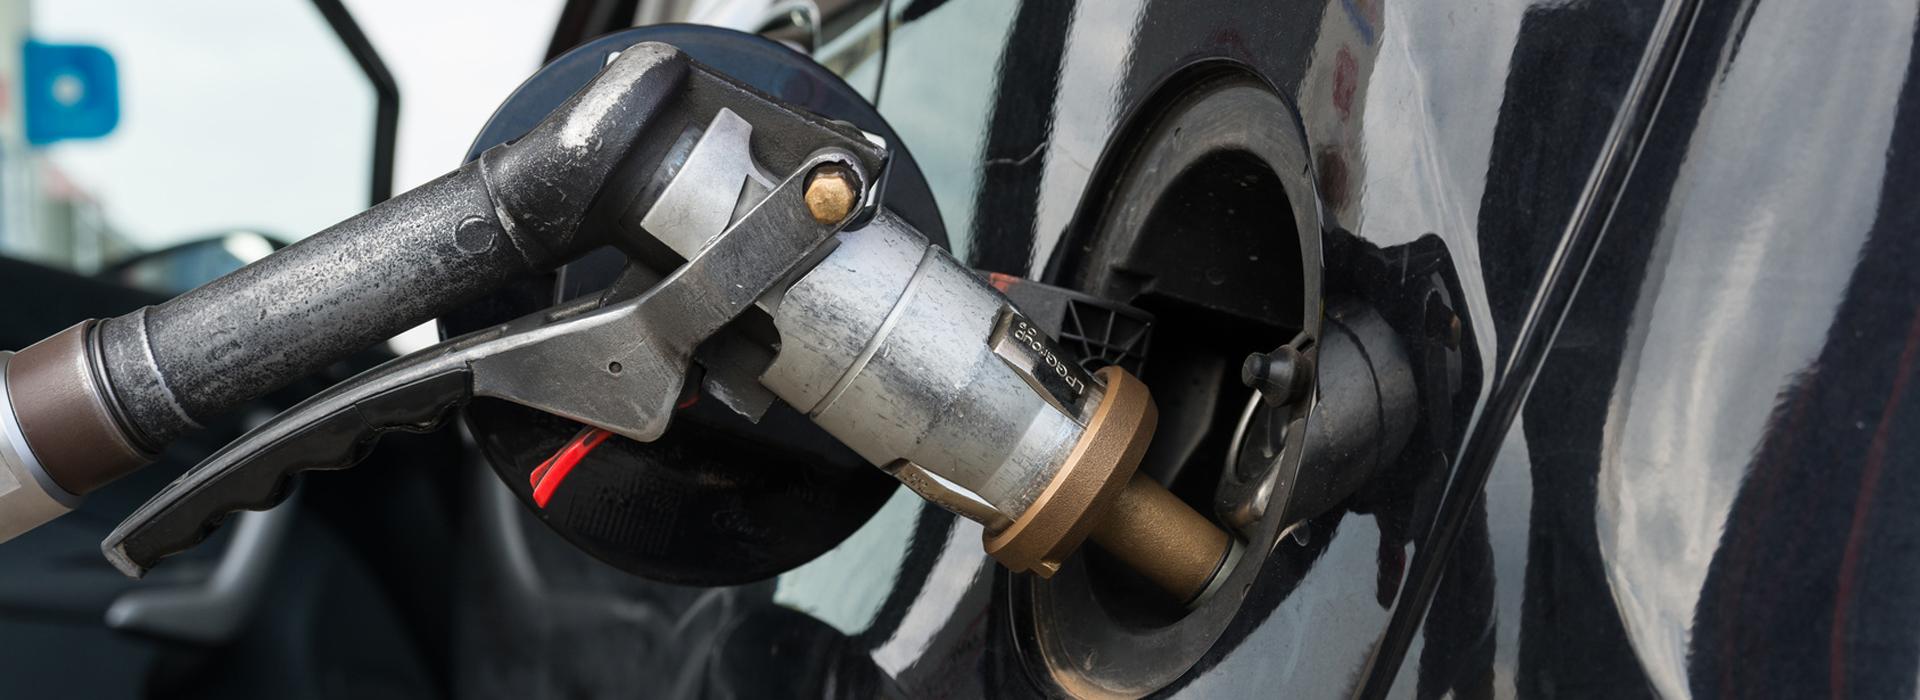 Pompa di Benzina a Monsampolo del Tronto Ascoli Piceno